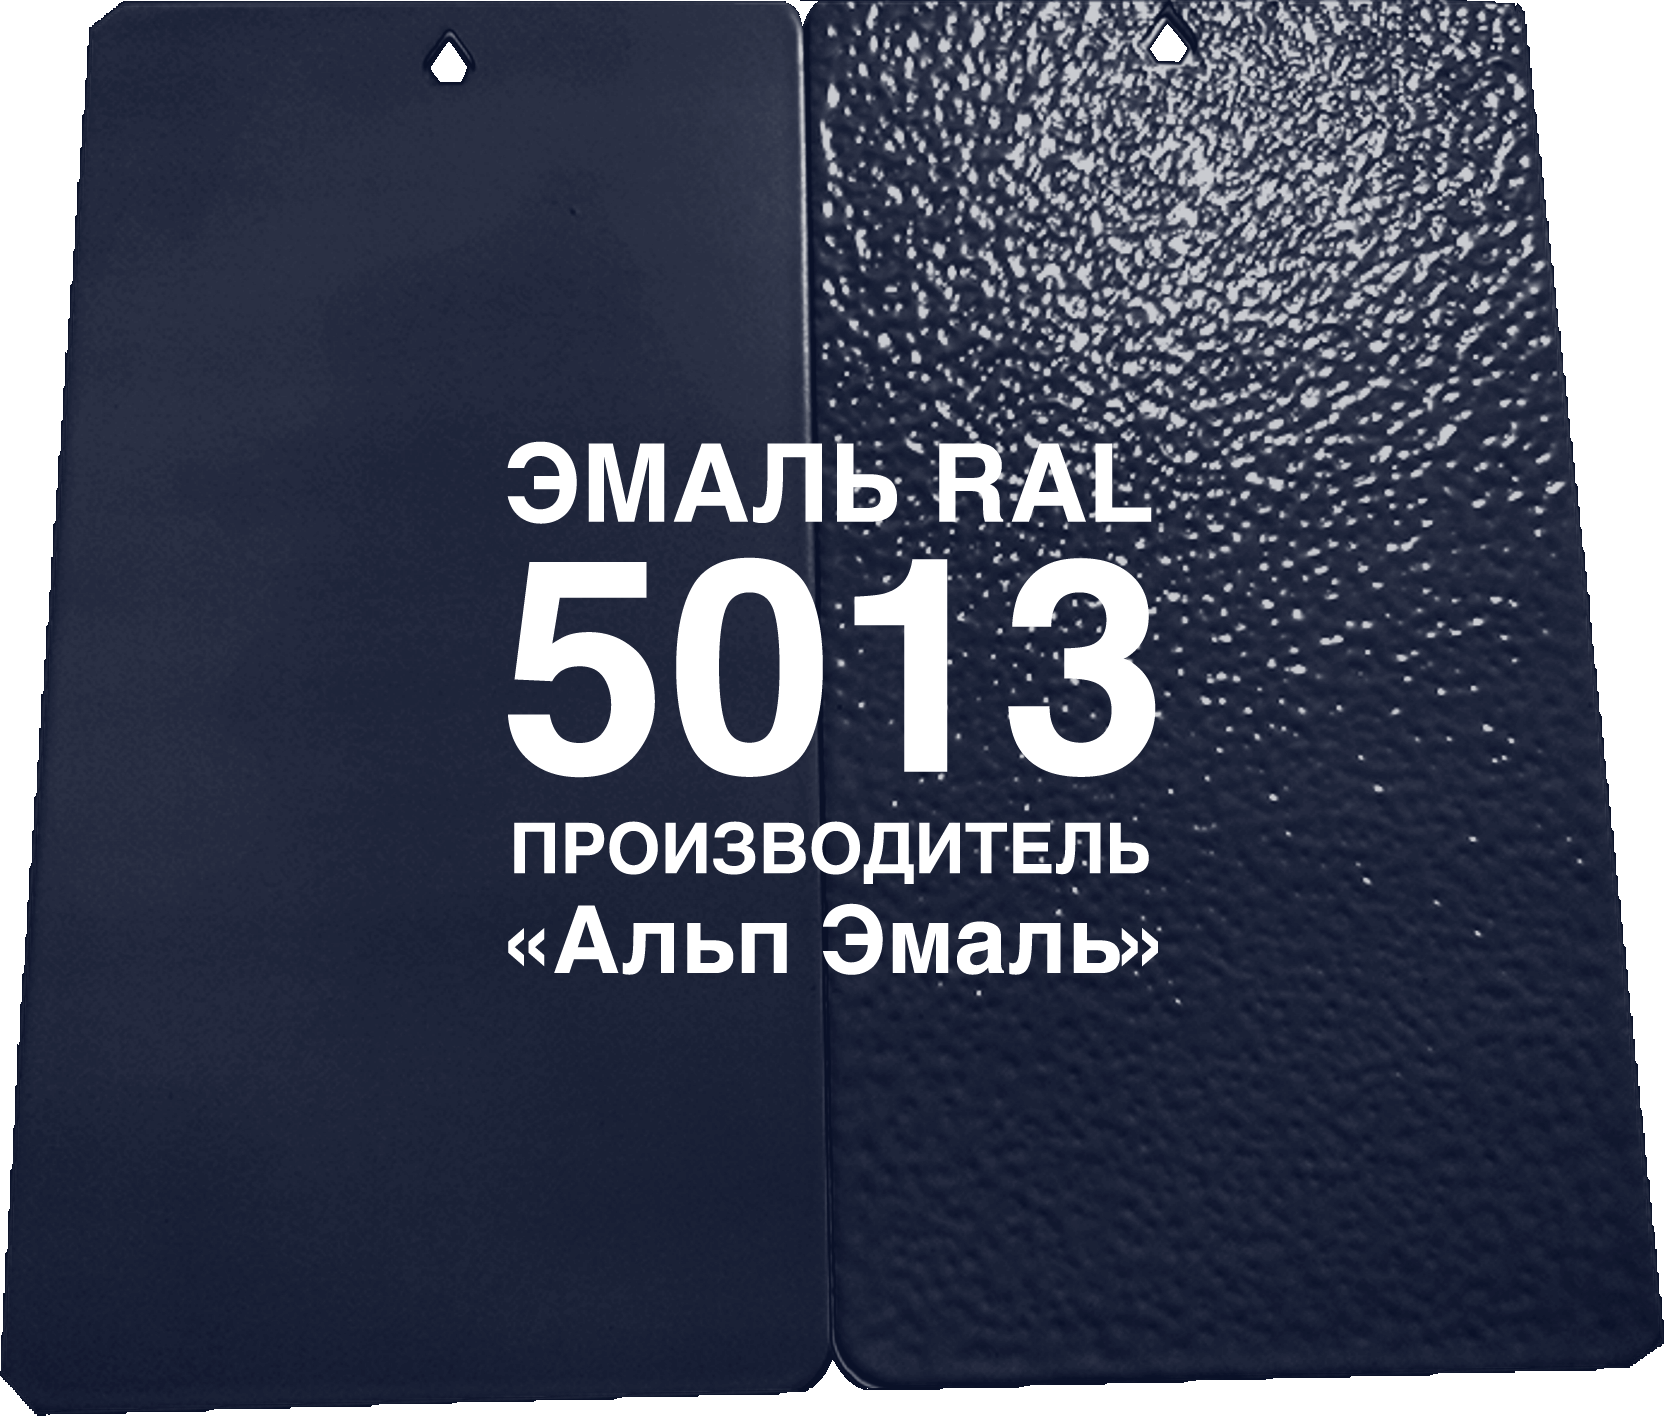 Краска эмаль RAL 5013 синяя ЗАО Альп Эмаль